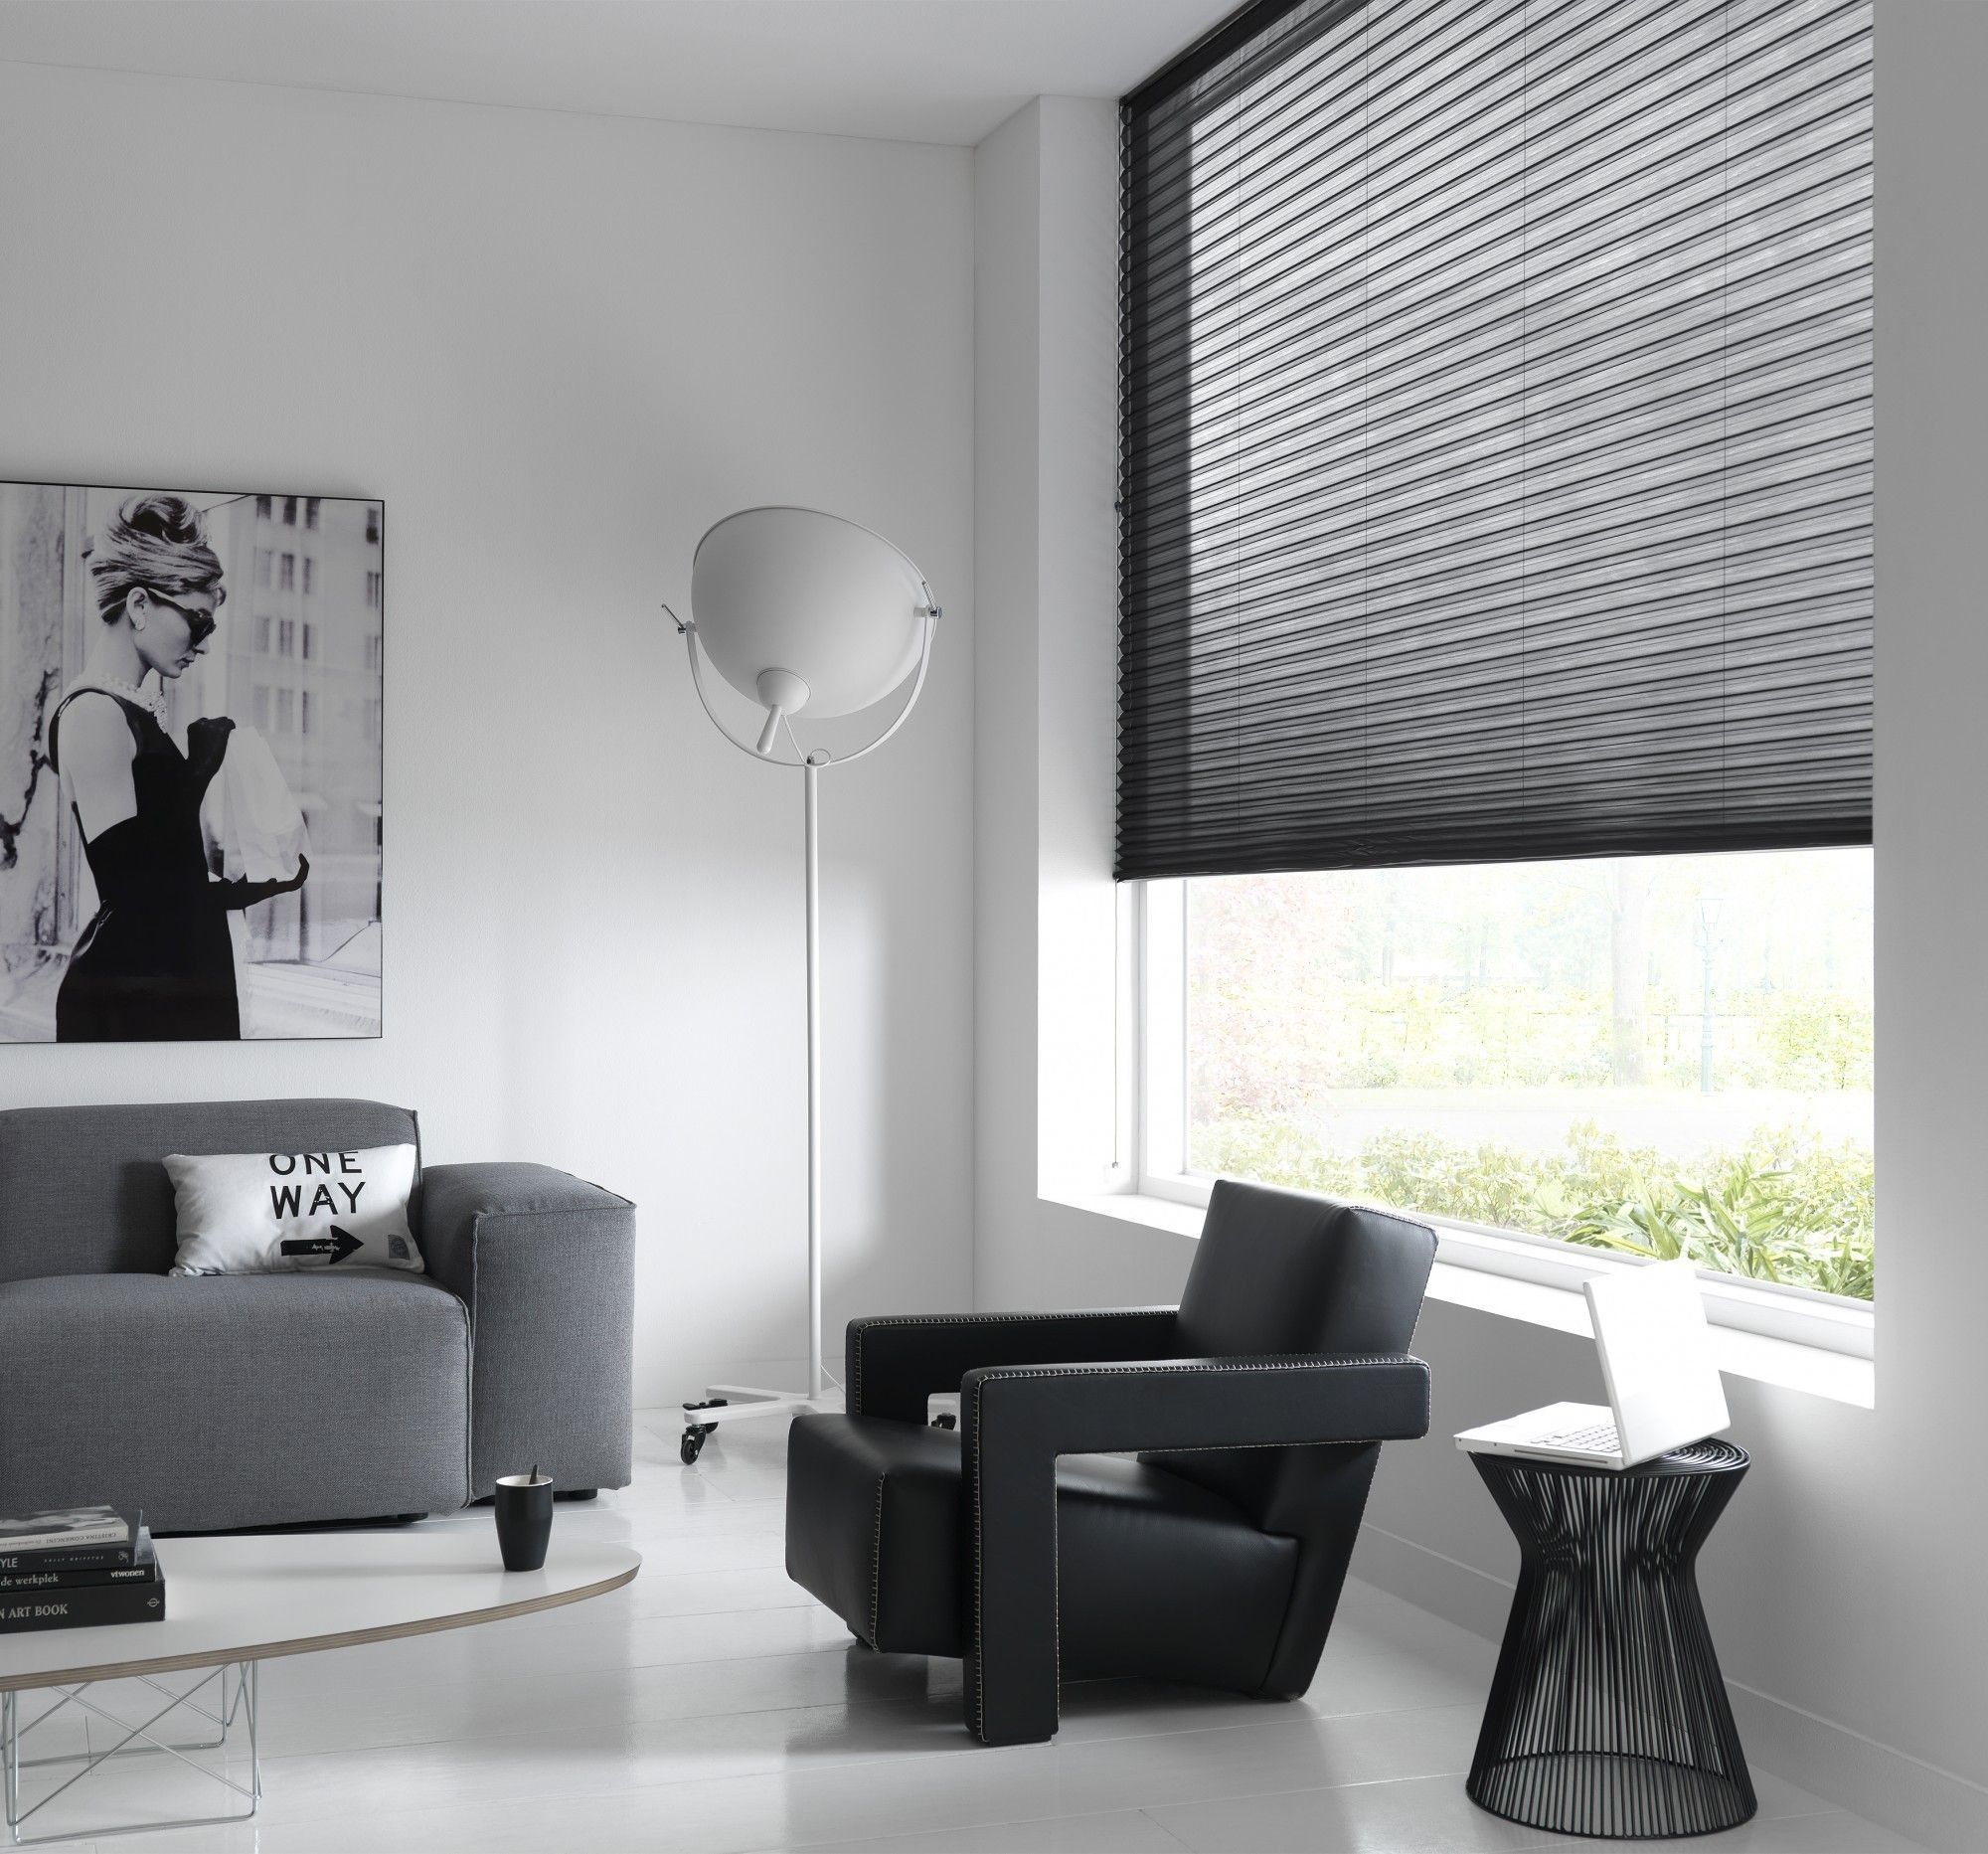 inspiration sichtschutz balkon jalousiescout design ideen garten design ideen. Black Bedroom Furniture Sets. Home Design Ideas